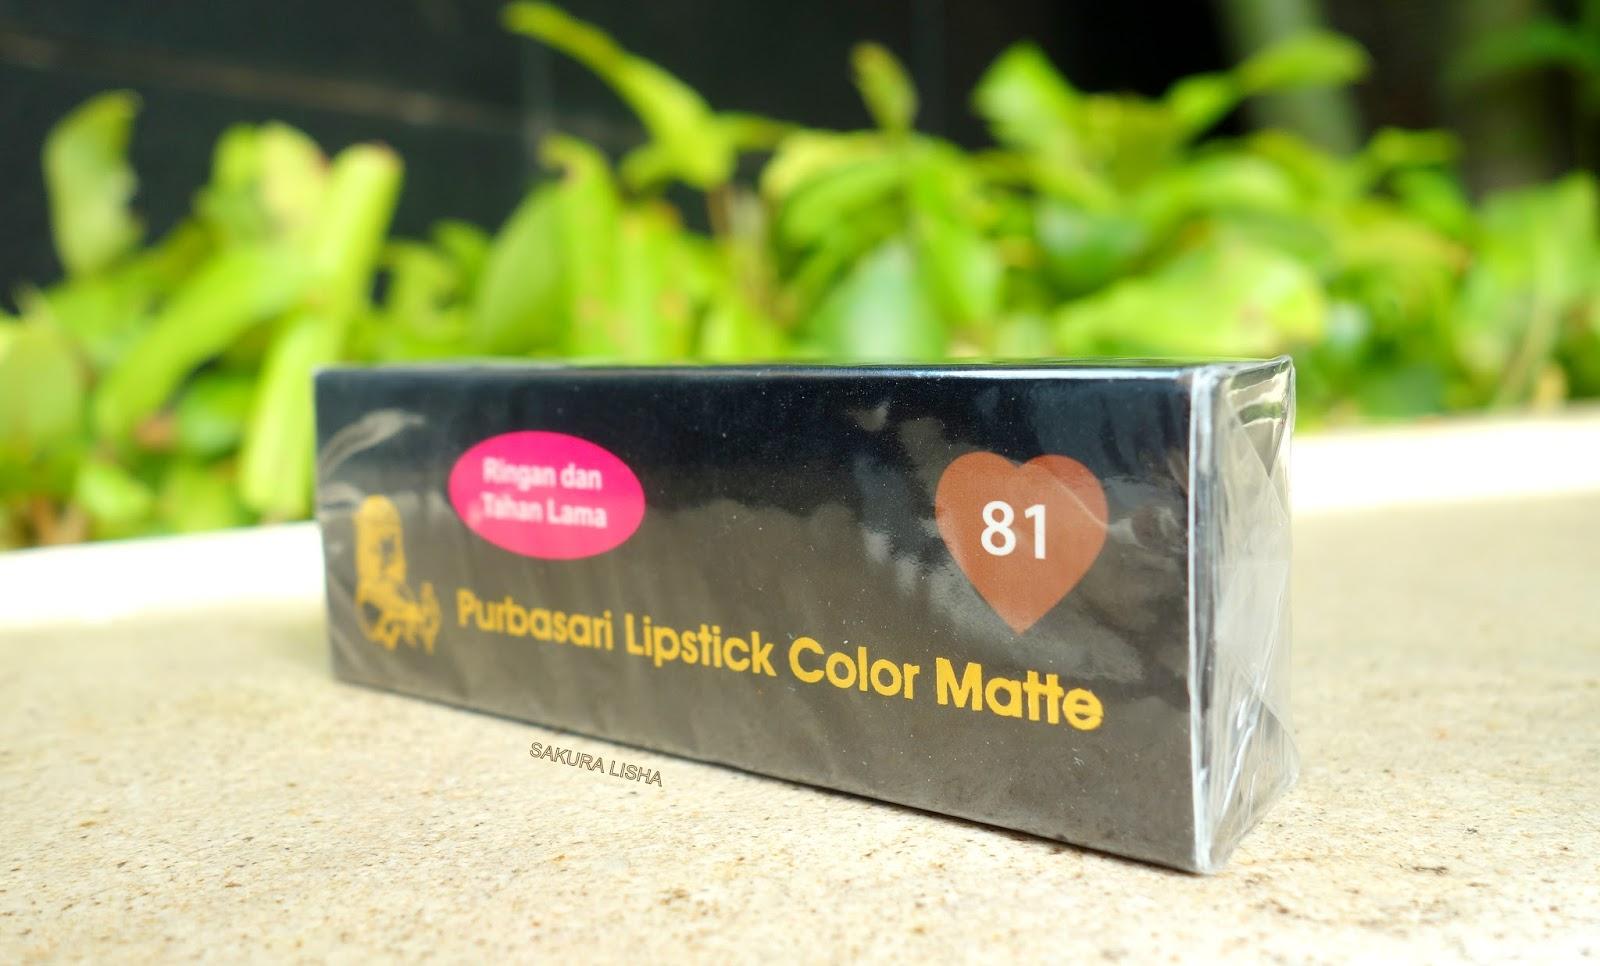 Sakura Lisha Review Purbasari Lipstick Color Matte No 81 Lipstik Collor Warna Packaging Adalah Hitam Menyala Dan Tertulis Shade Di Sebelah Pojok Kanan Atas